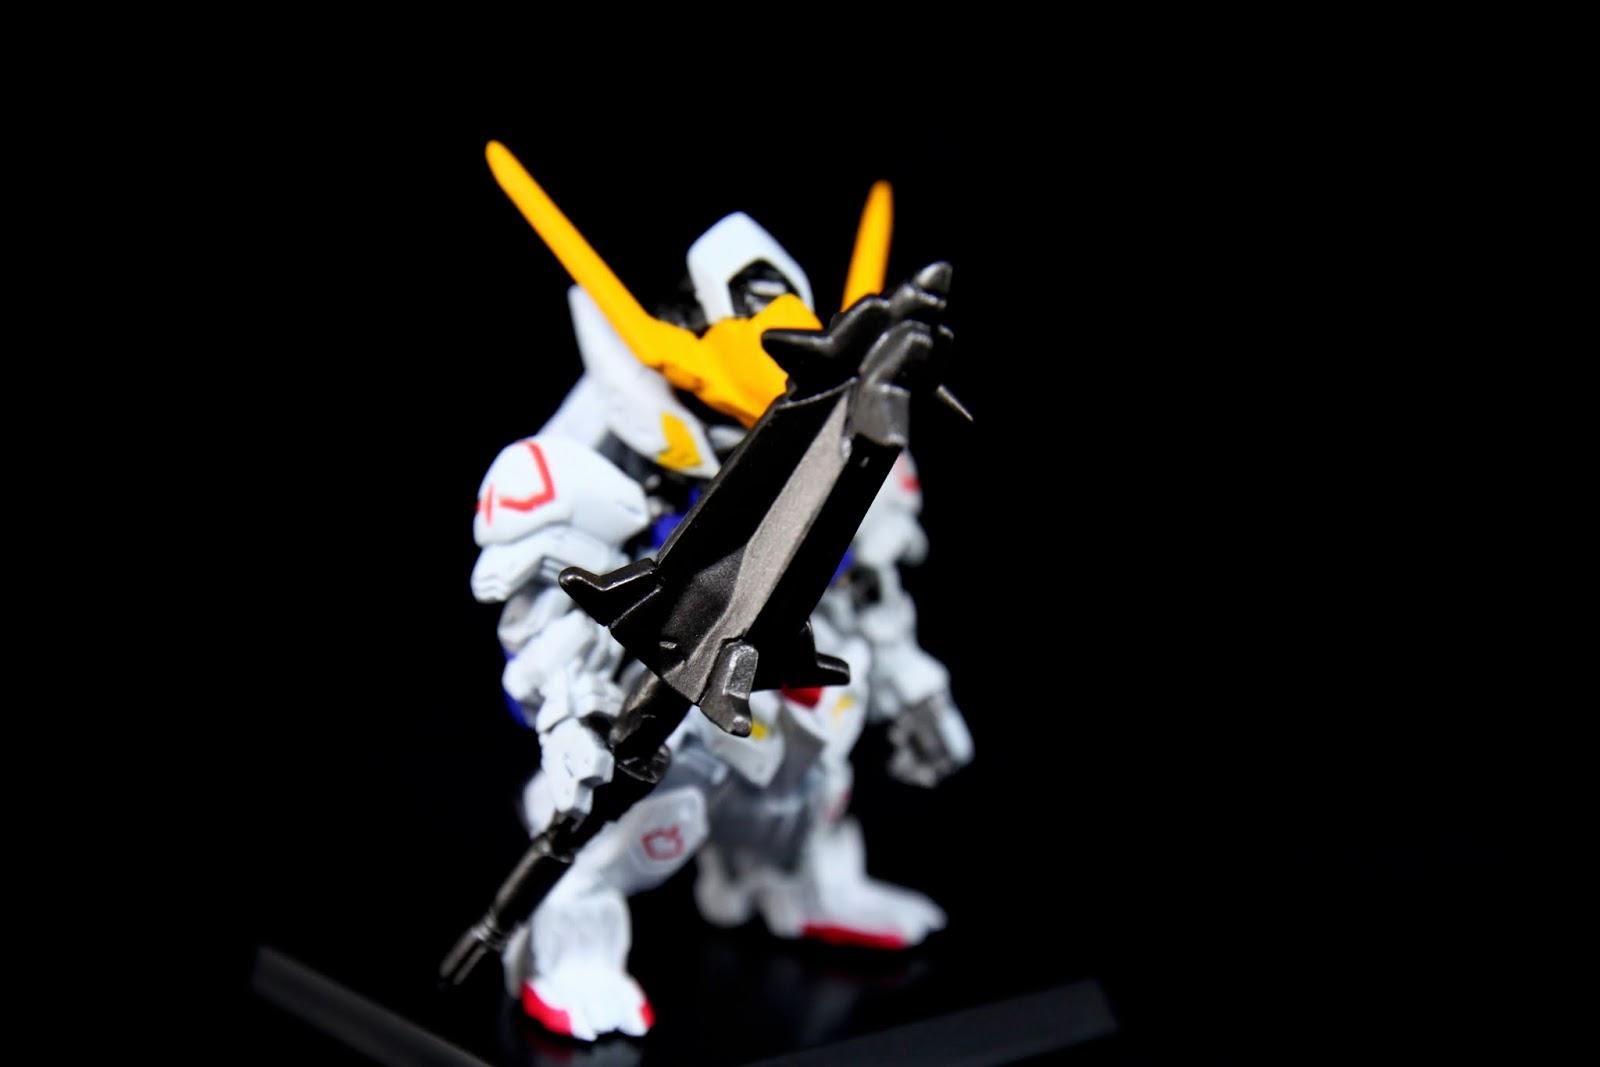 主角愛用的冷兵器, 尤其是鈍器